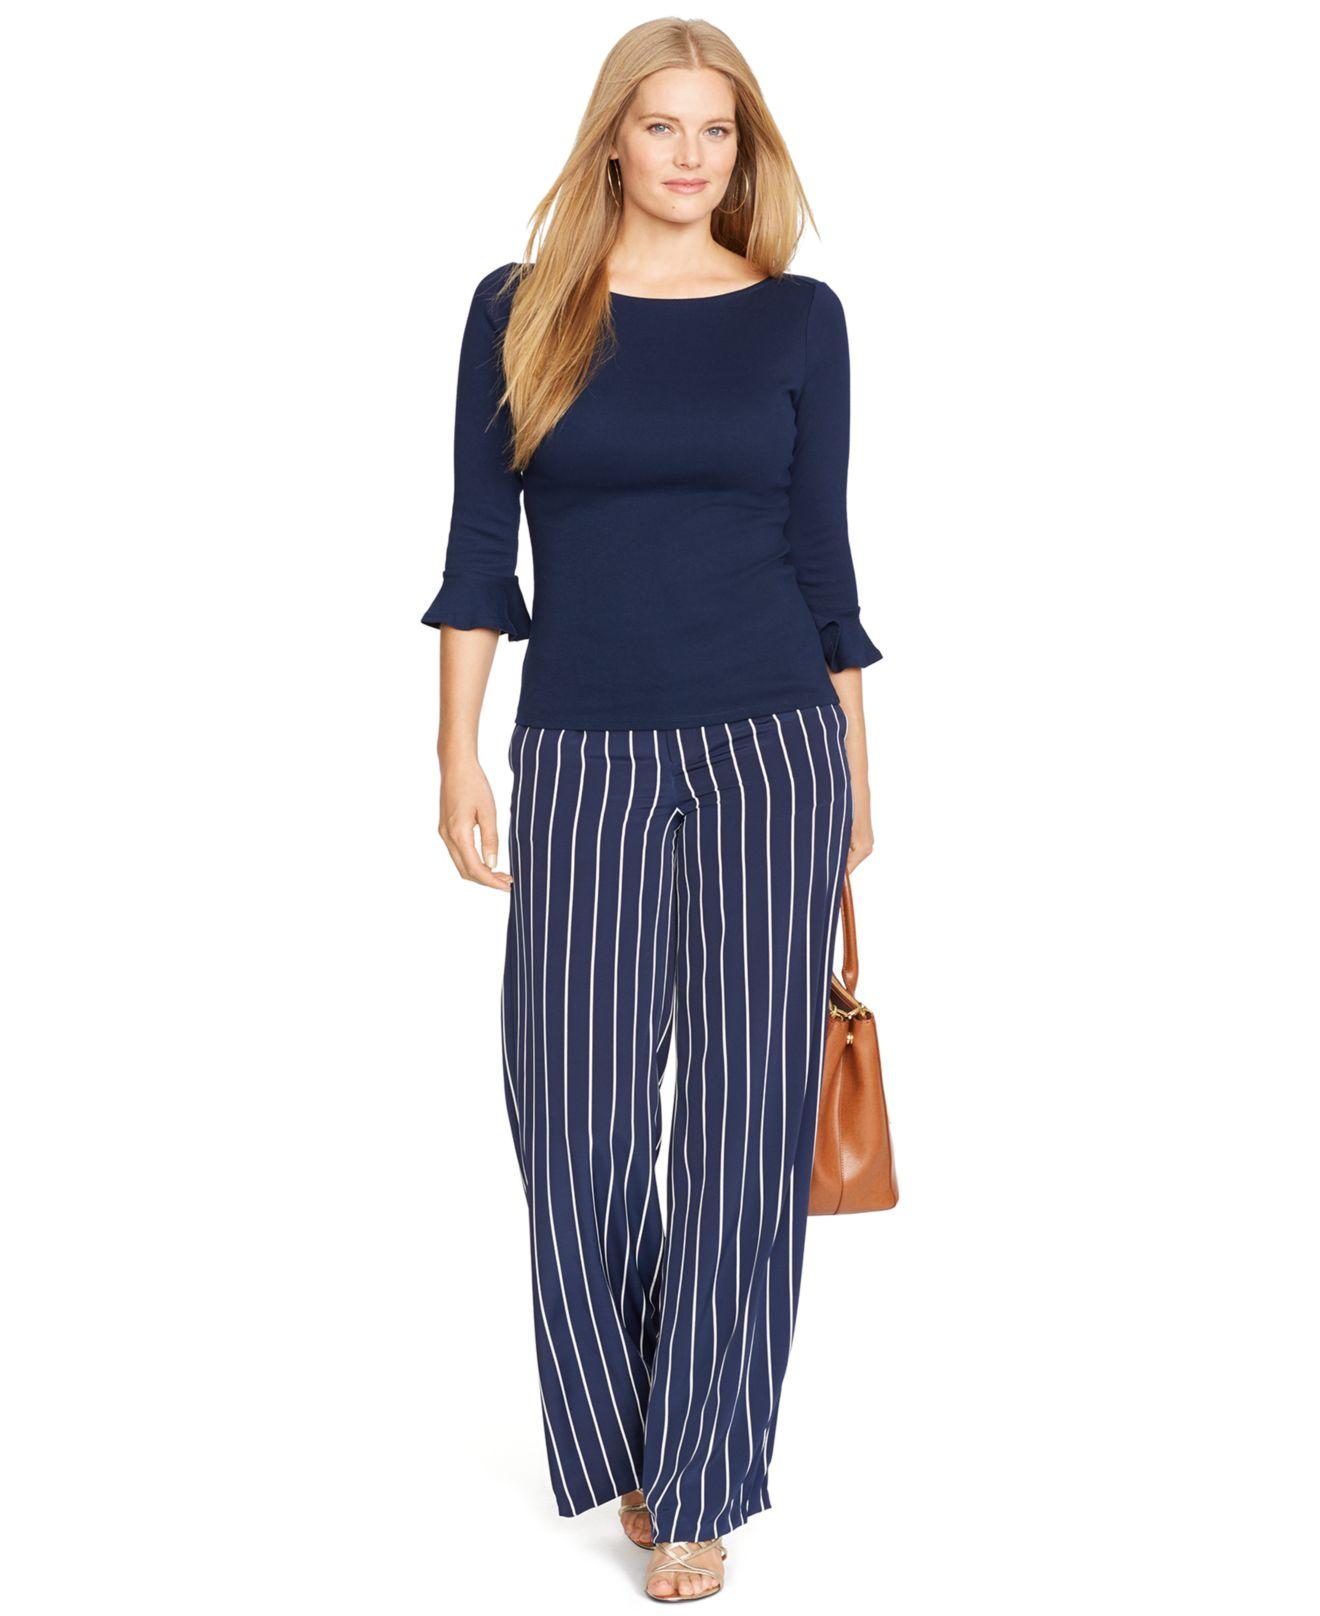 Lauren by ralph lauren Plus Size Striped Wide-Leg Pants in Blue   Lyst